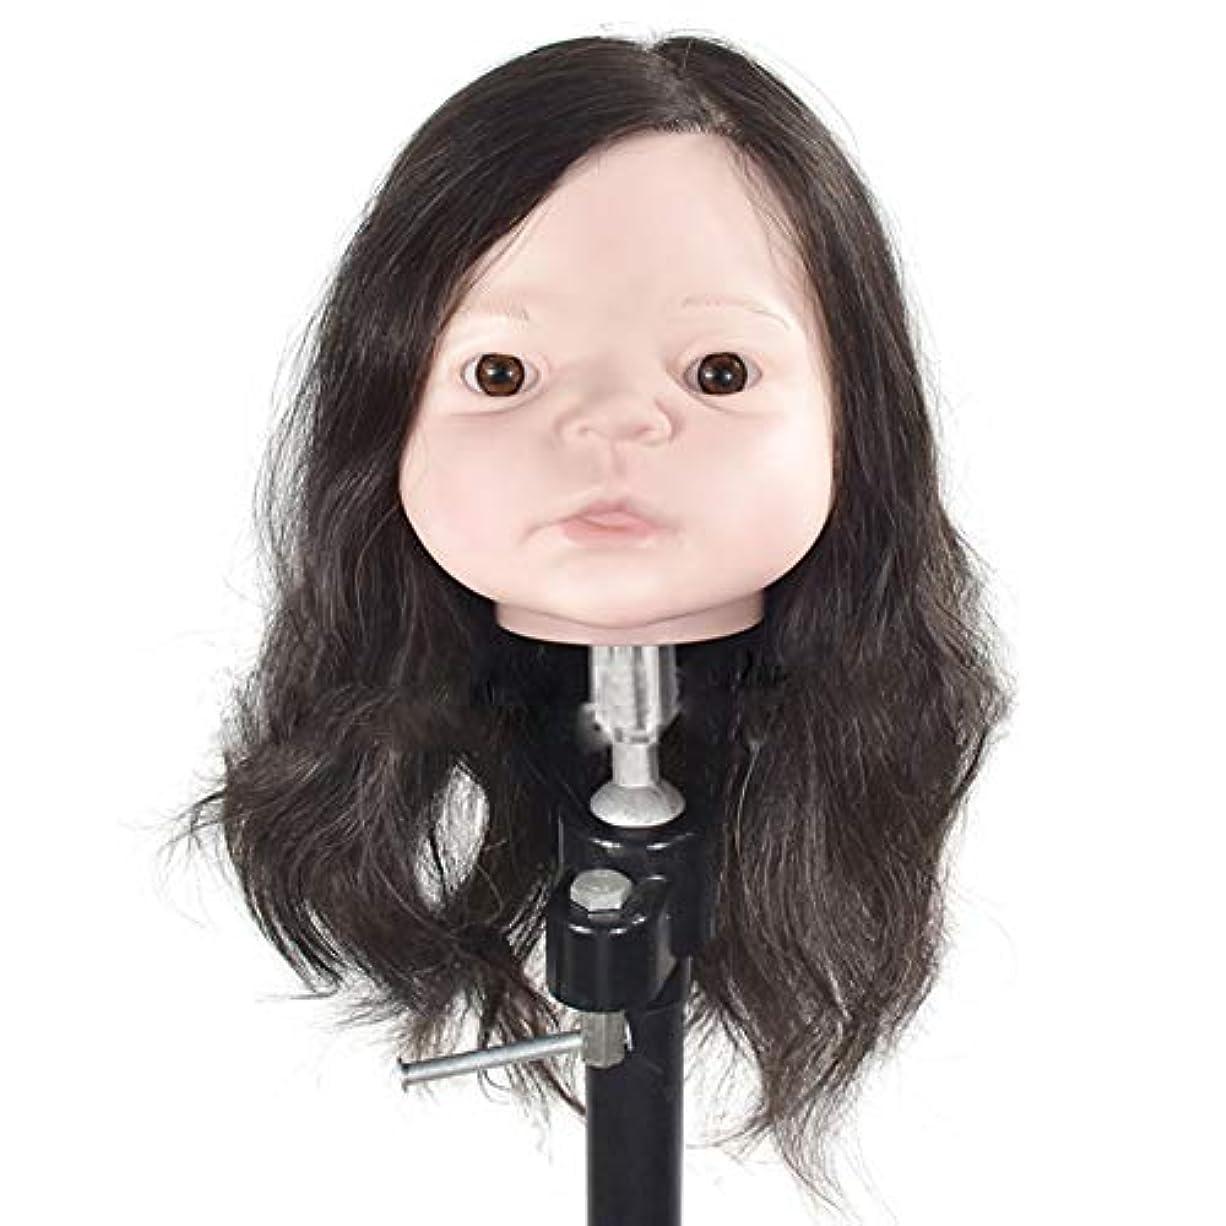 静かな幻滅するリス専門の練習ホット染色漂白鋏モデリングマニアックヘッド編み髪のかつら模型人形ティーチングヘッド